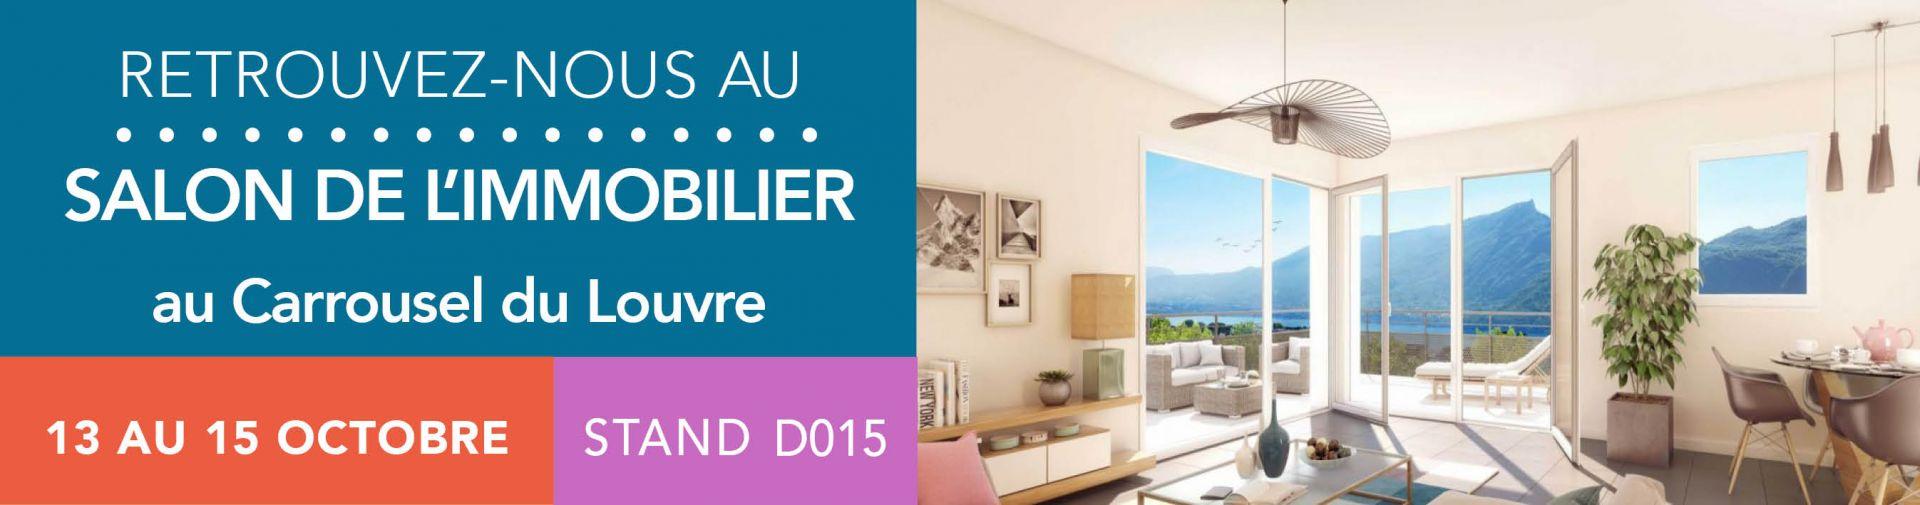 Salon de l 39 immobilier pierre invest for Salon de l immobilier paris 2017